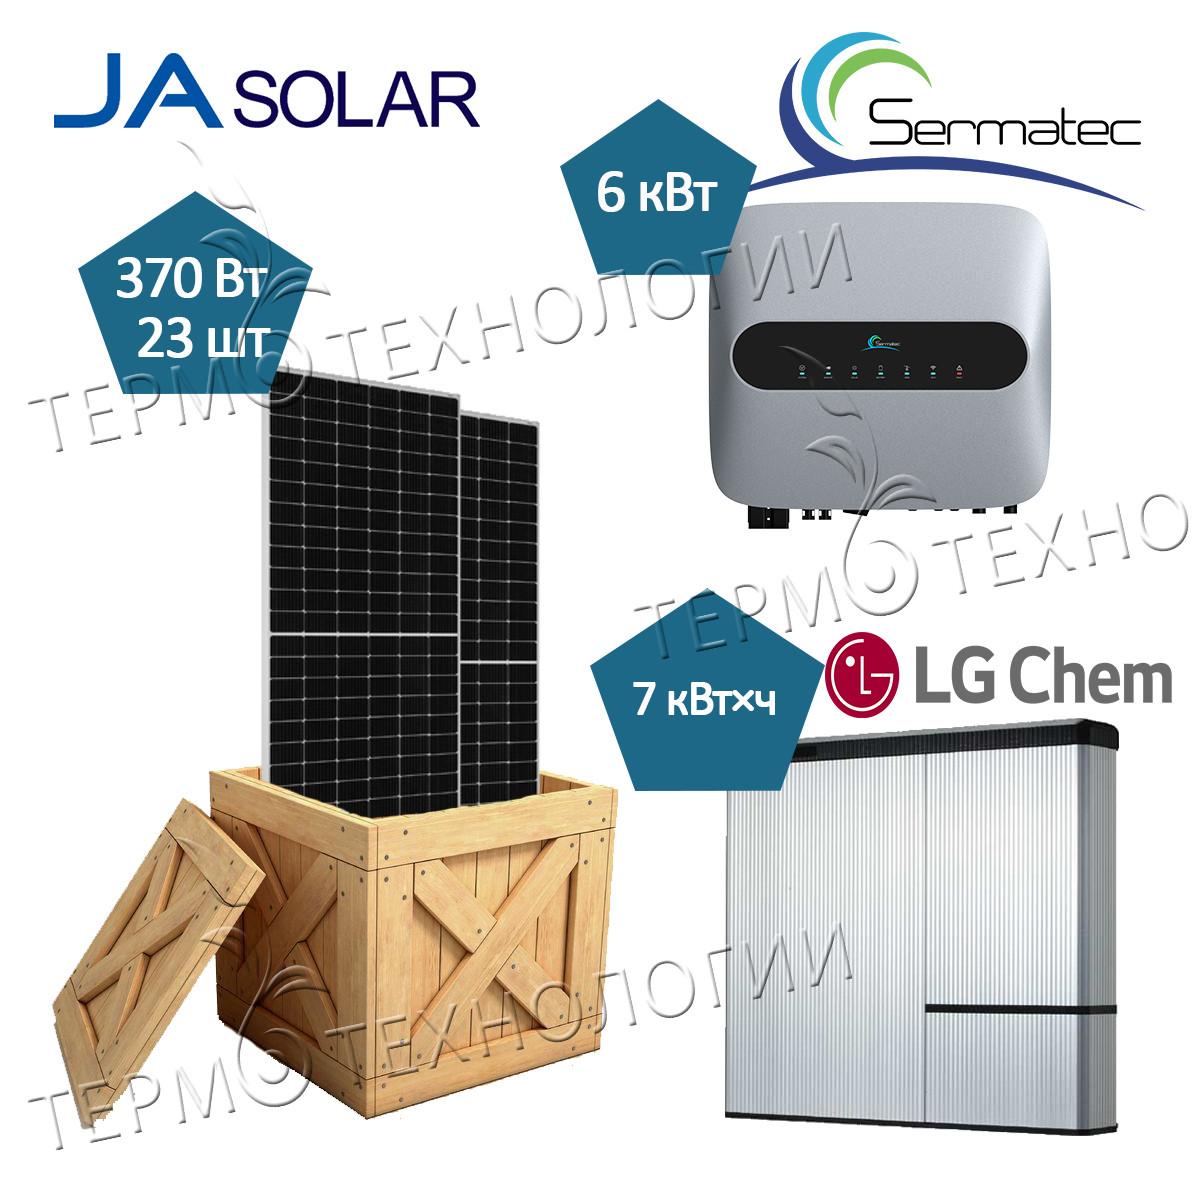 Комплект для гибридной солнечной станции 6 кВт Sermatec и JaSolar 370 Вт